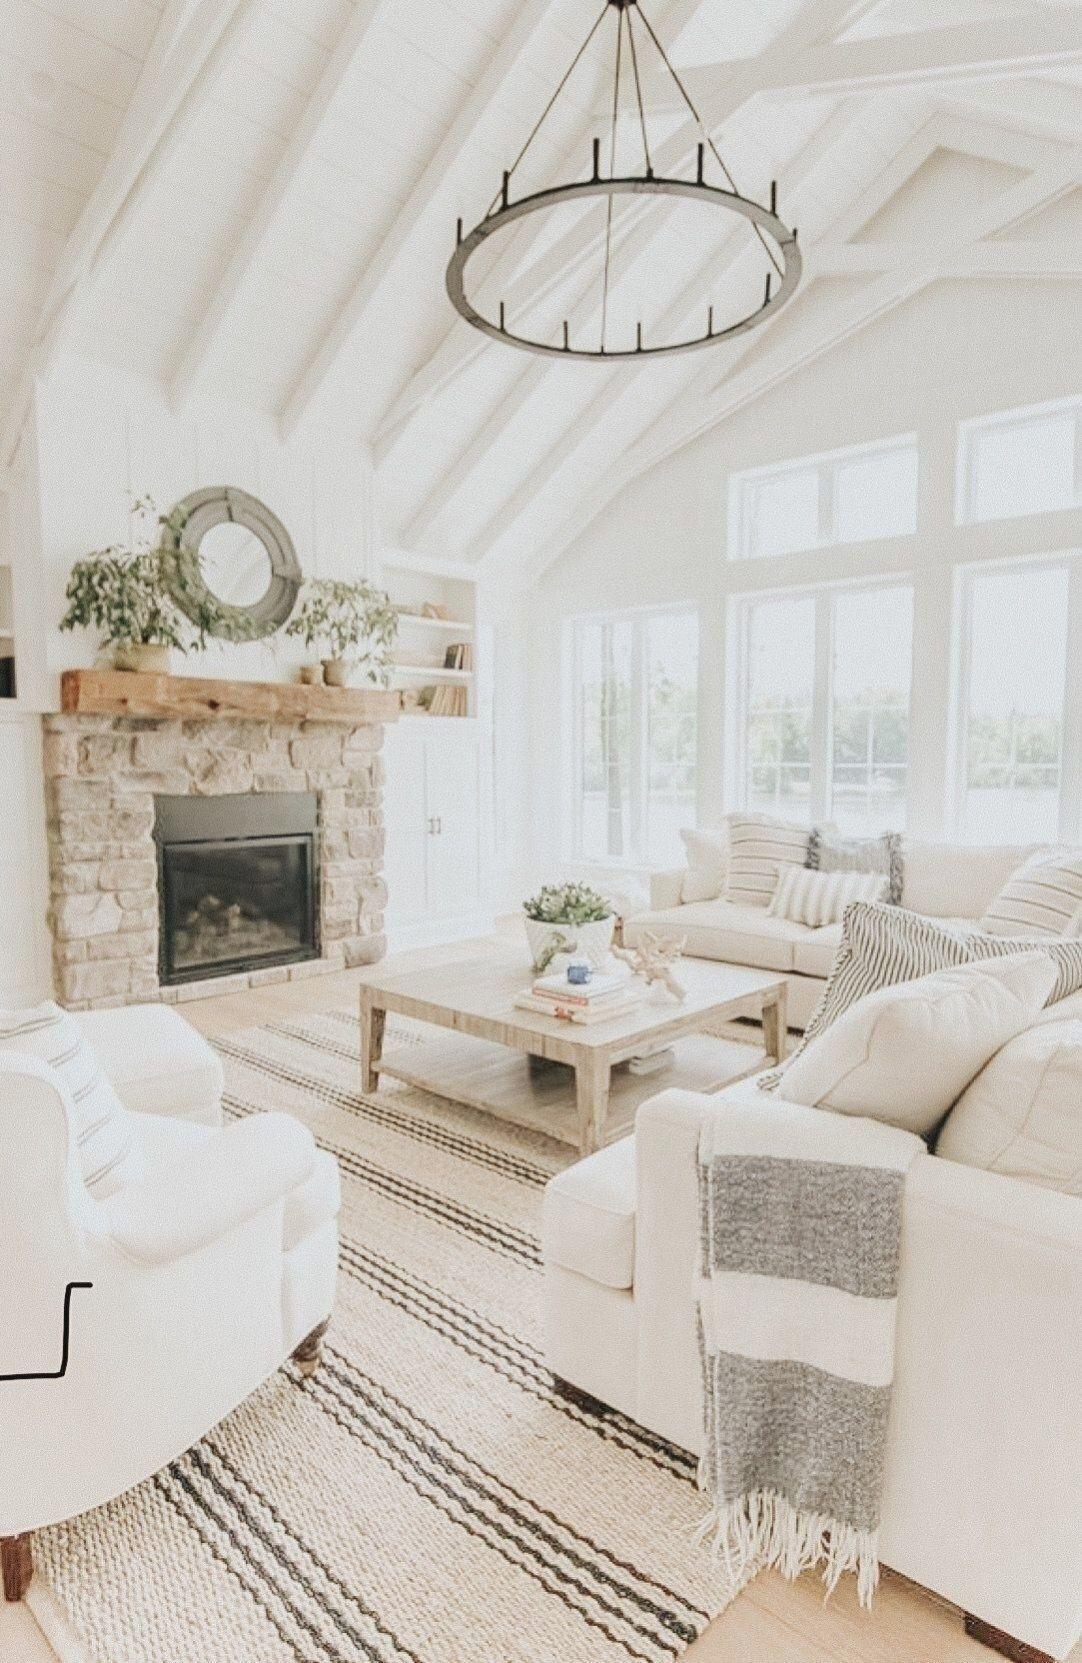 Moderne bauernhaus-wohnzimmer - weiß bemalte balken - dekoration